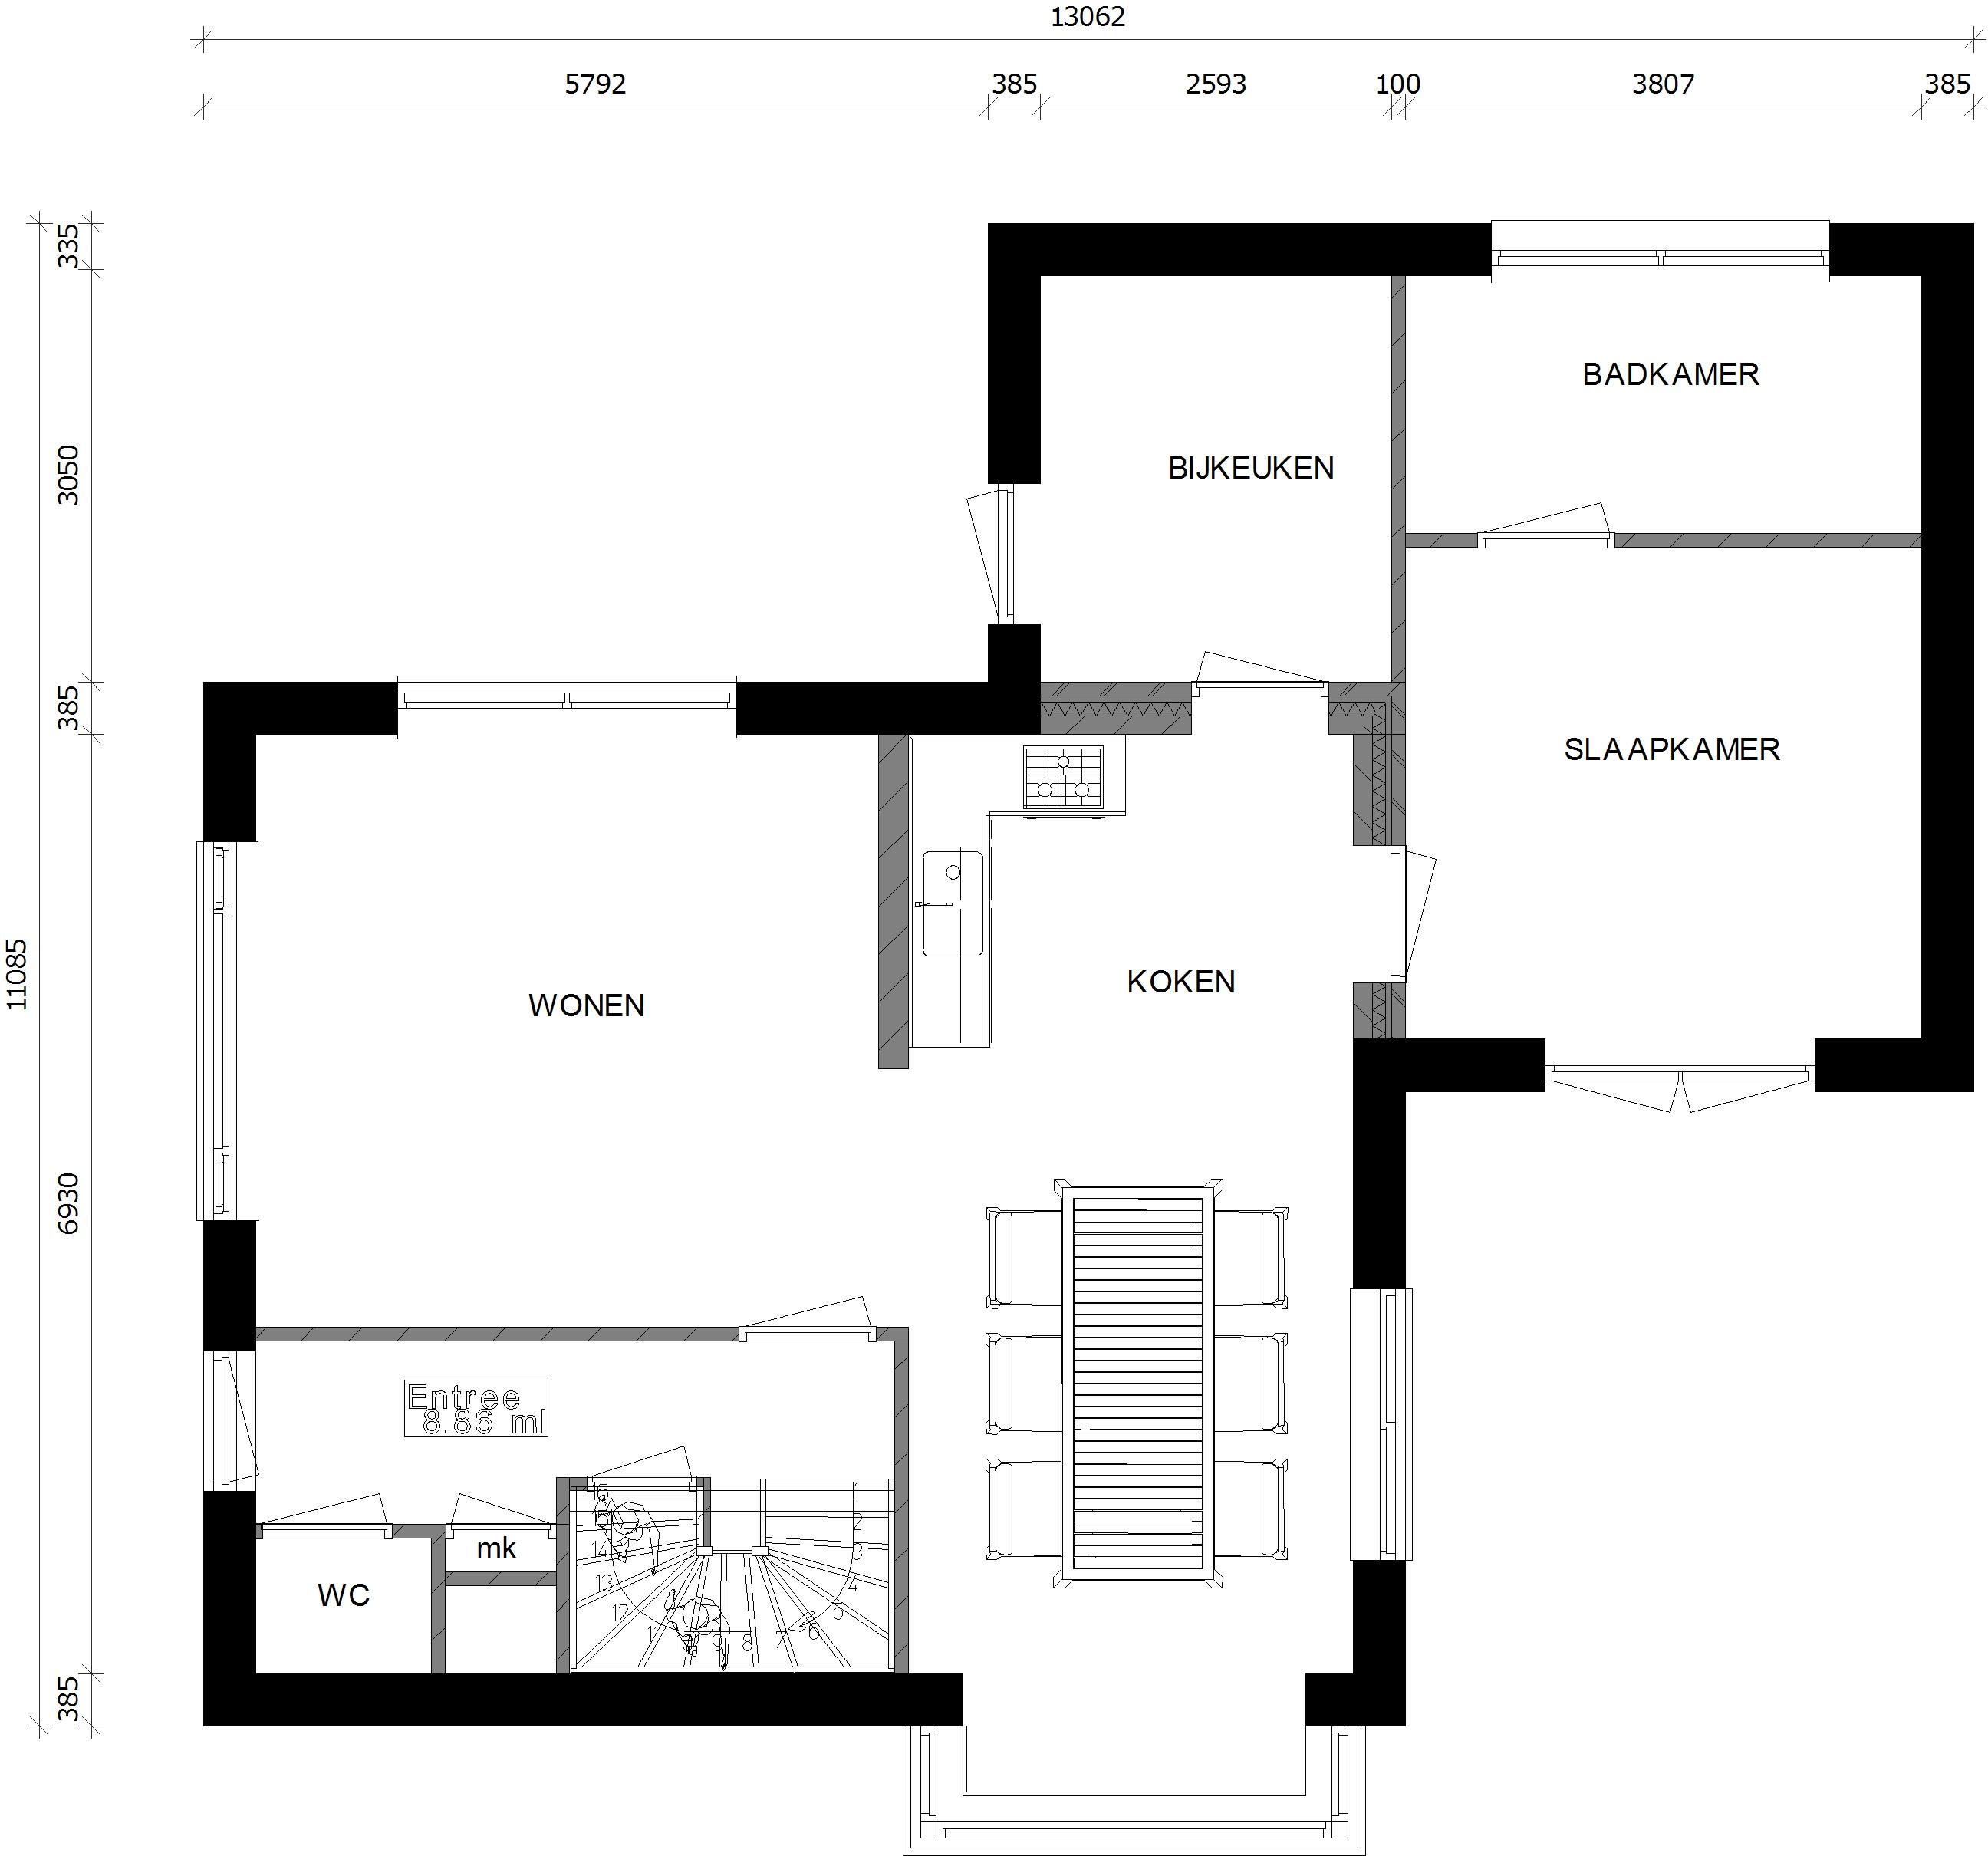 diverse fotosafbeeldingen van woningen met badkamerslaapkamer op de begane grond terug naar het overzicht